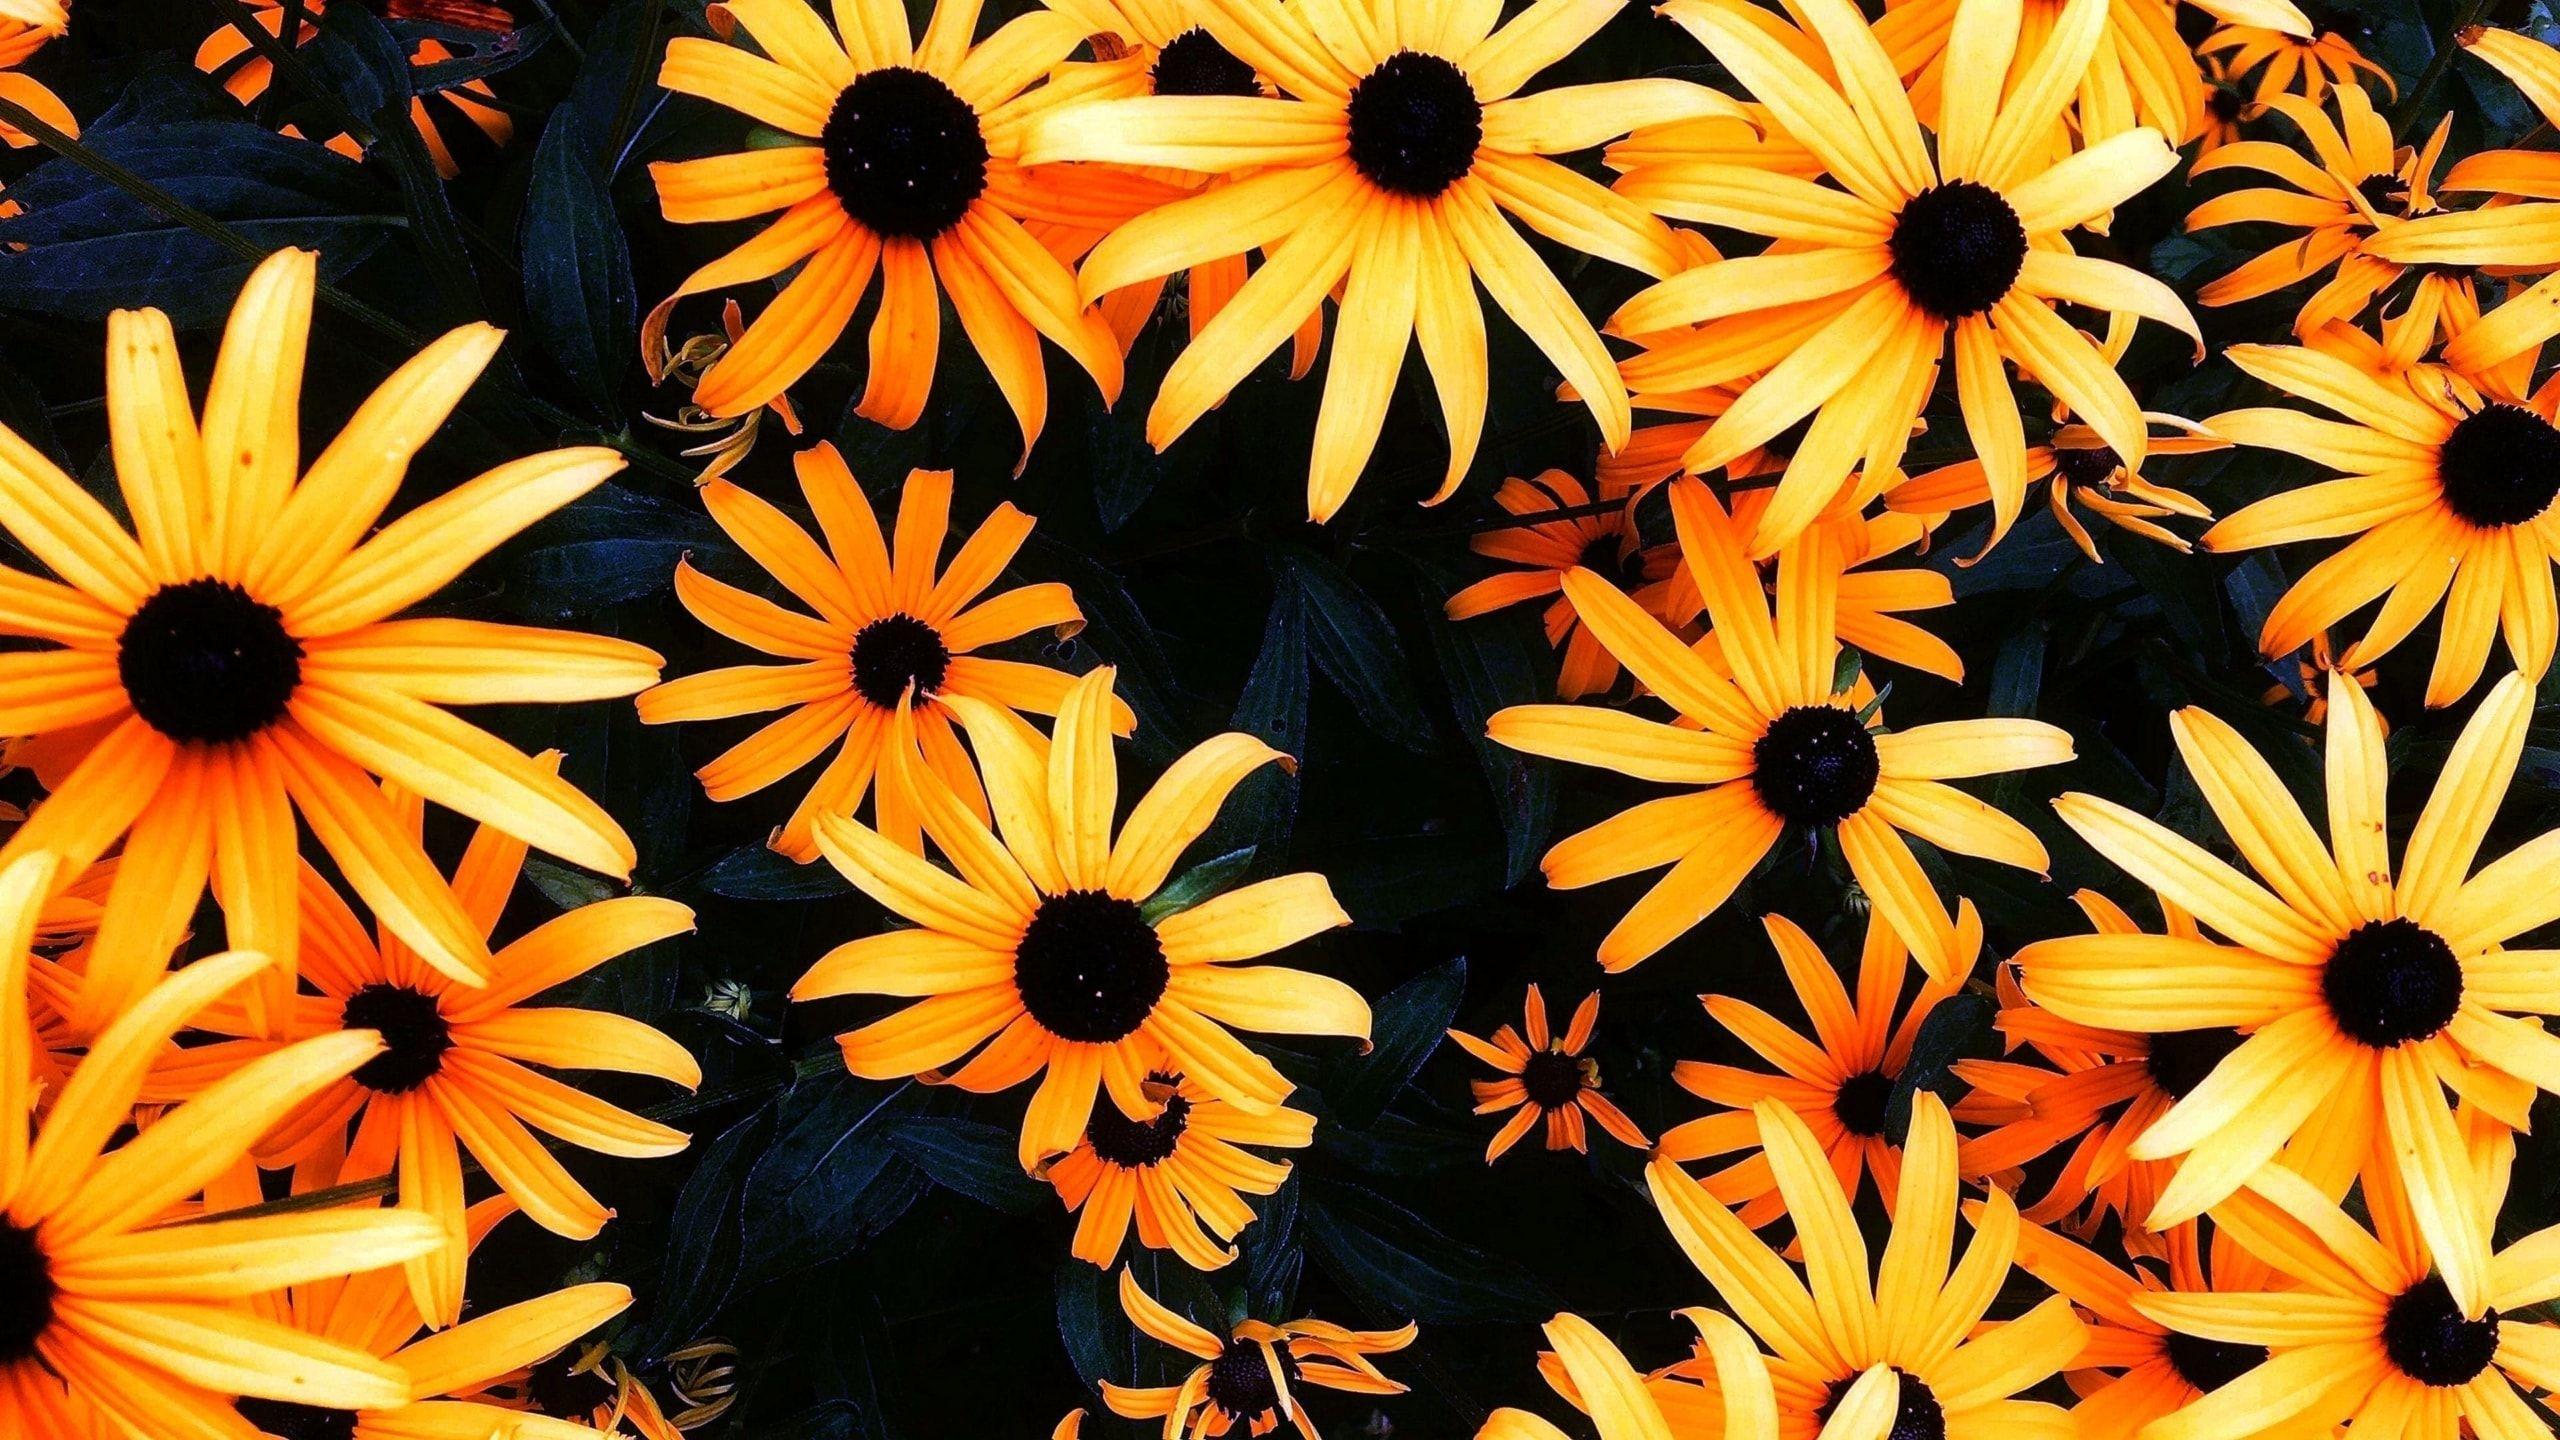 Sunflower Wallpapers For Chromebook Sunflower Wallpapers For Chromebook Sunflower Images Info Sunflower Wallpaper Sunflower Pictures Sunflower Images